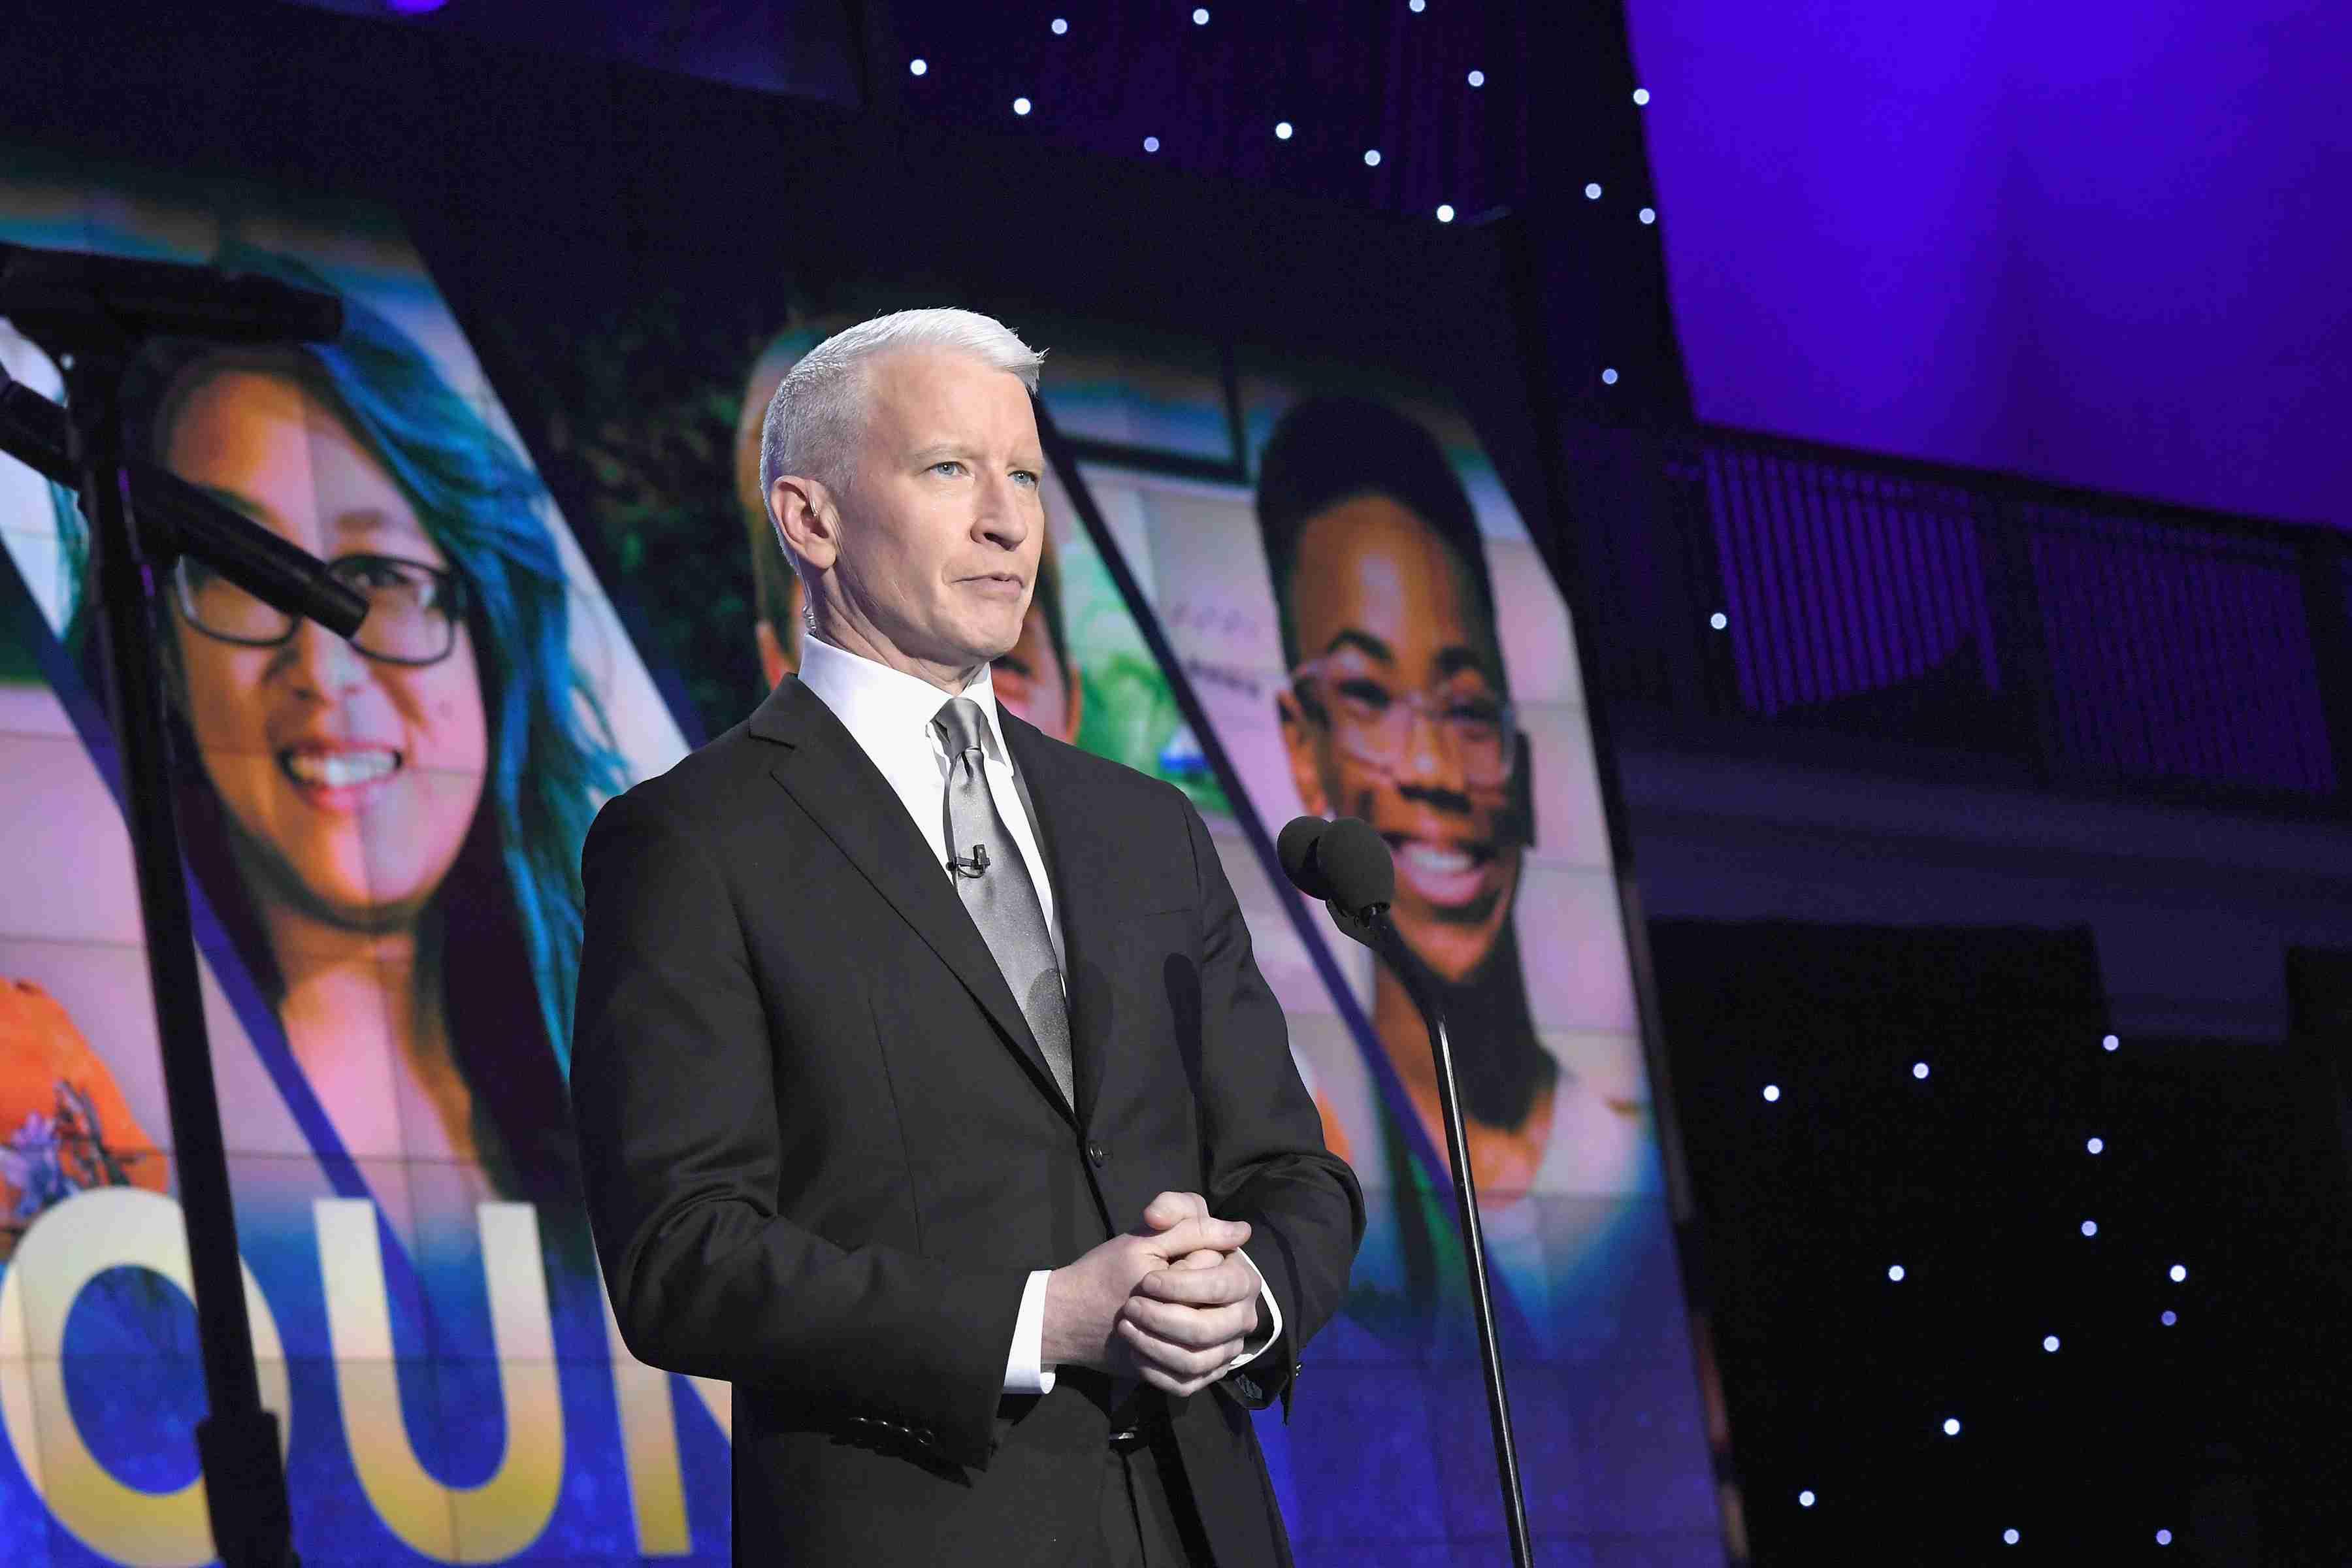 Popular Gay Talk Show Hosts